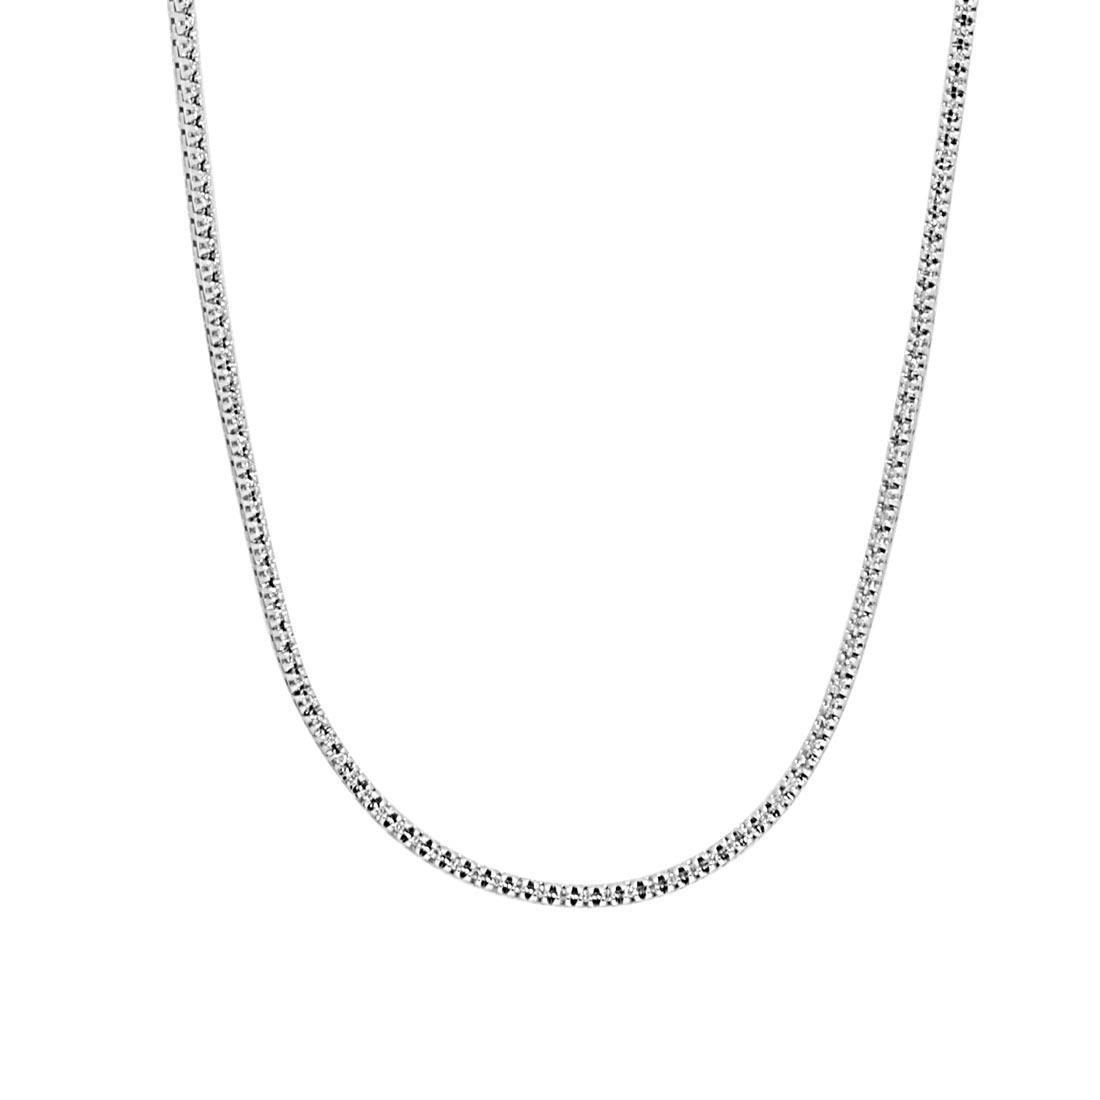 comprare on line 7cff6 9cc7f Collana tennis in oro bianco con diamanti 0,60 ct